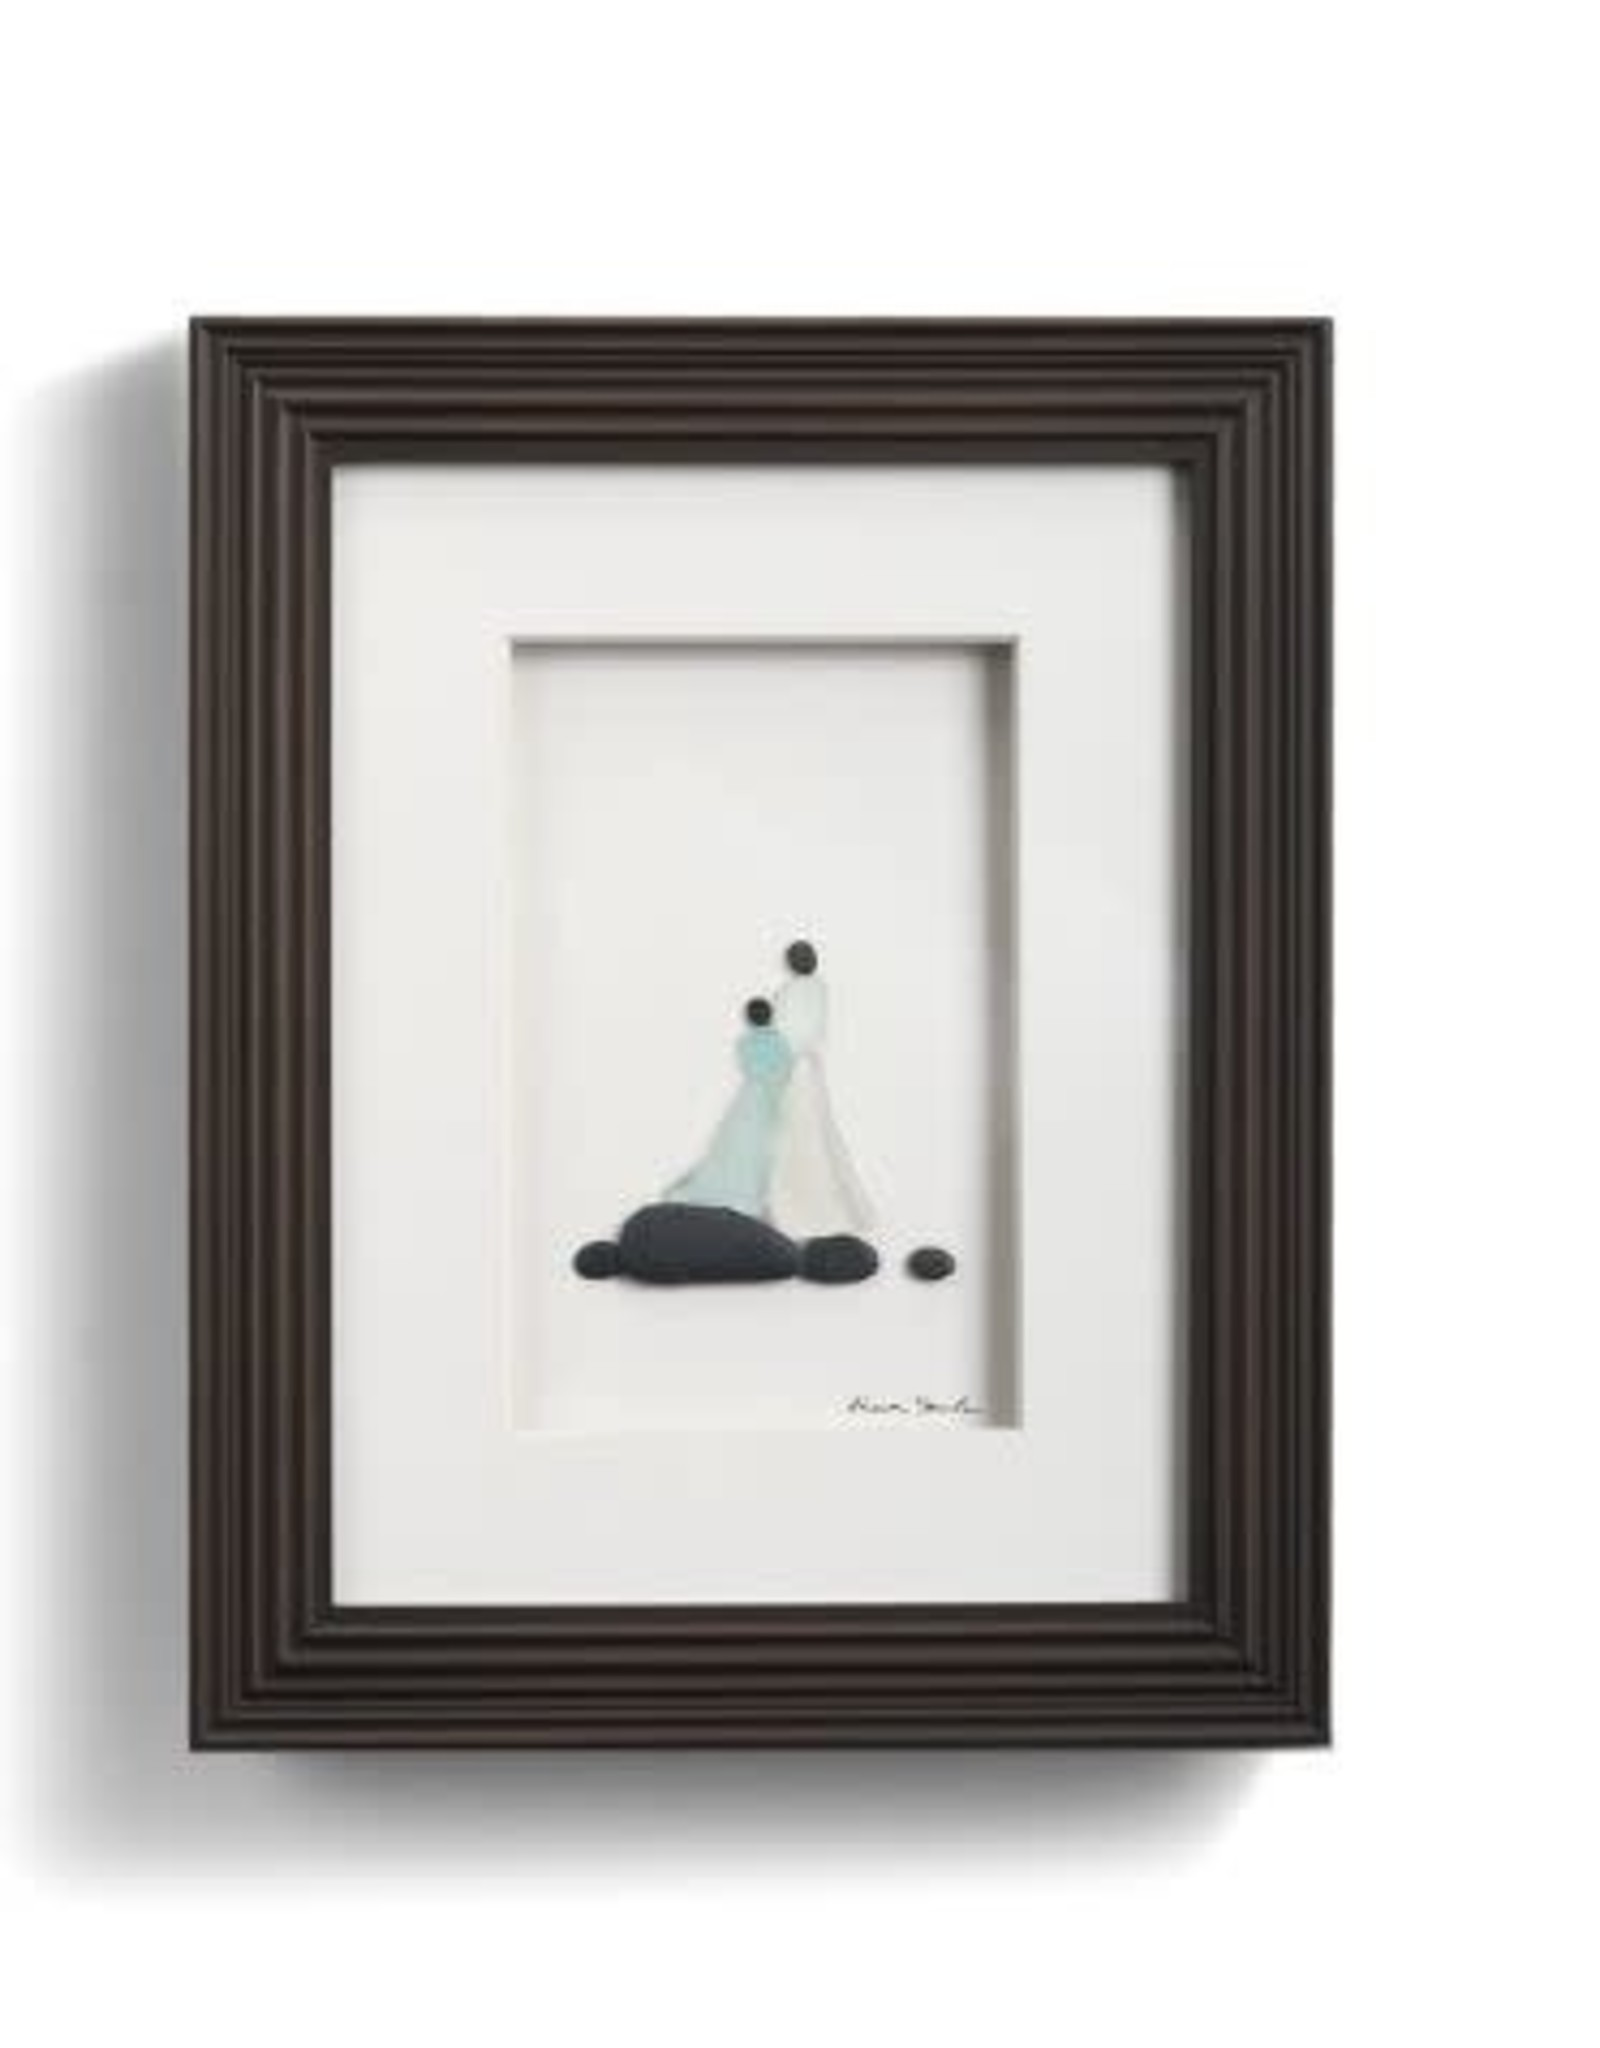 Demdaco SIDE BY SIDE WALL ART